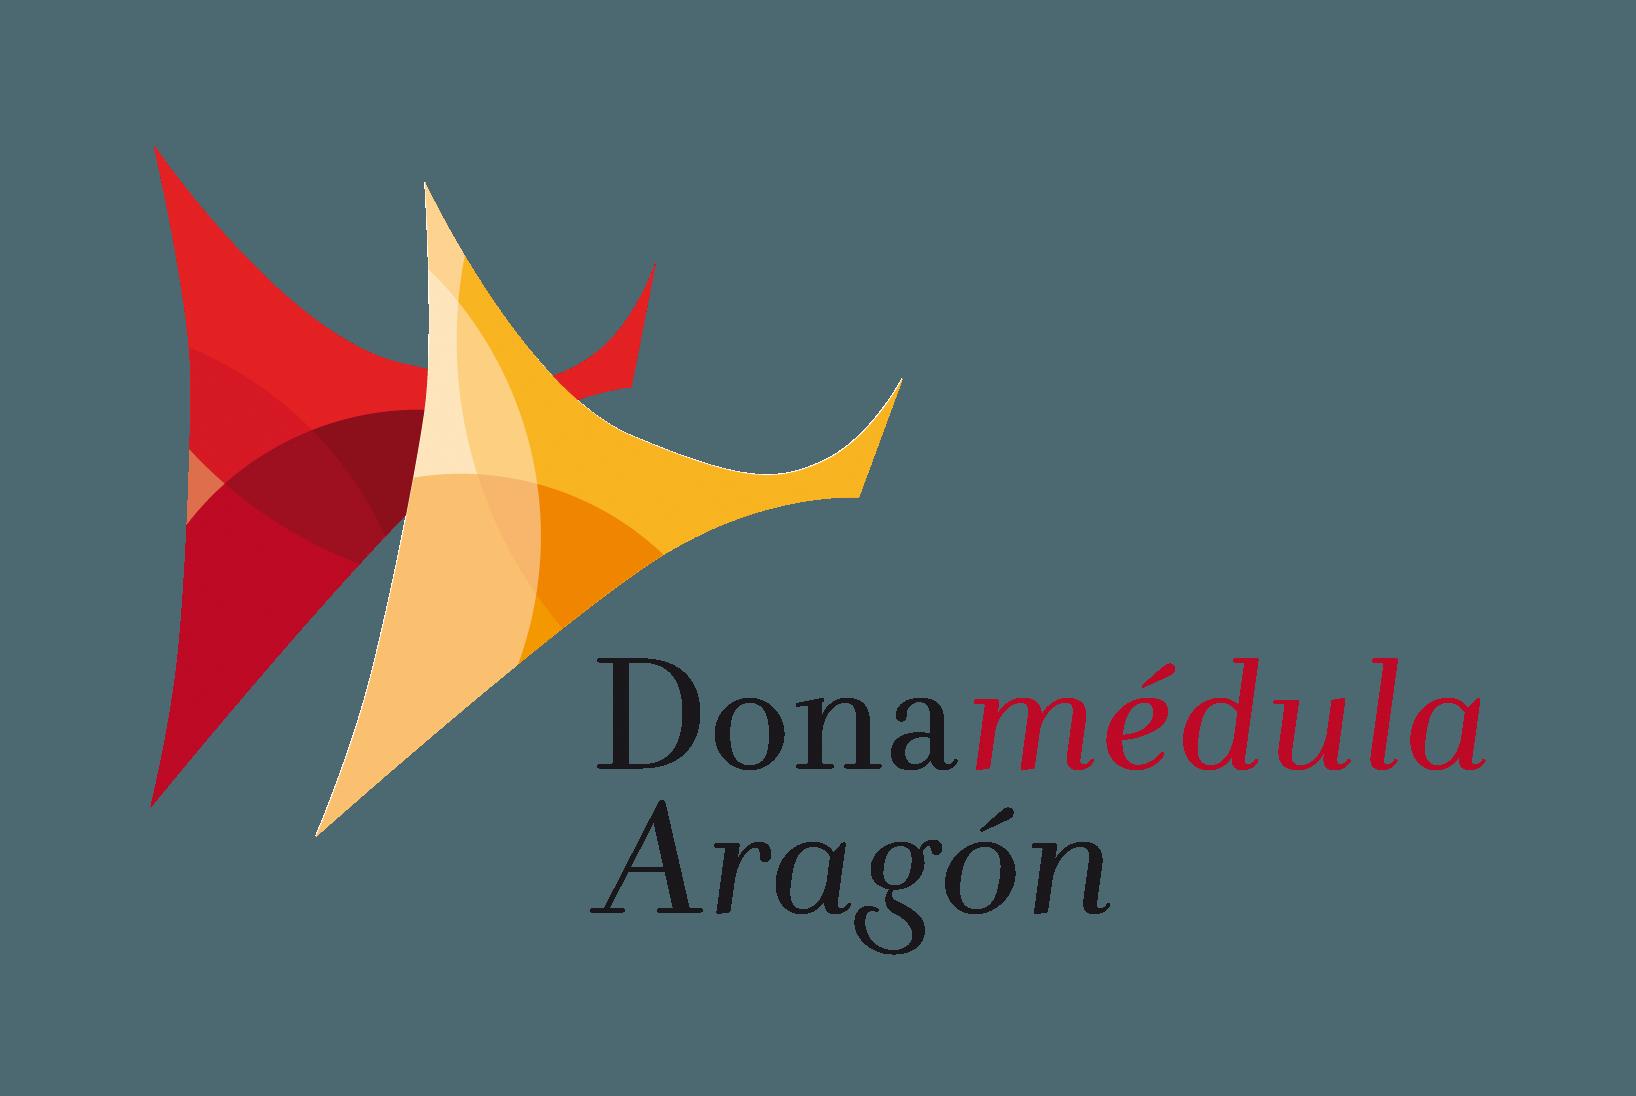 http://www.donamedula.org/